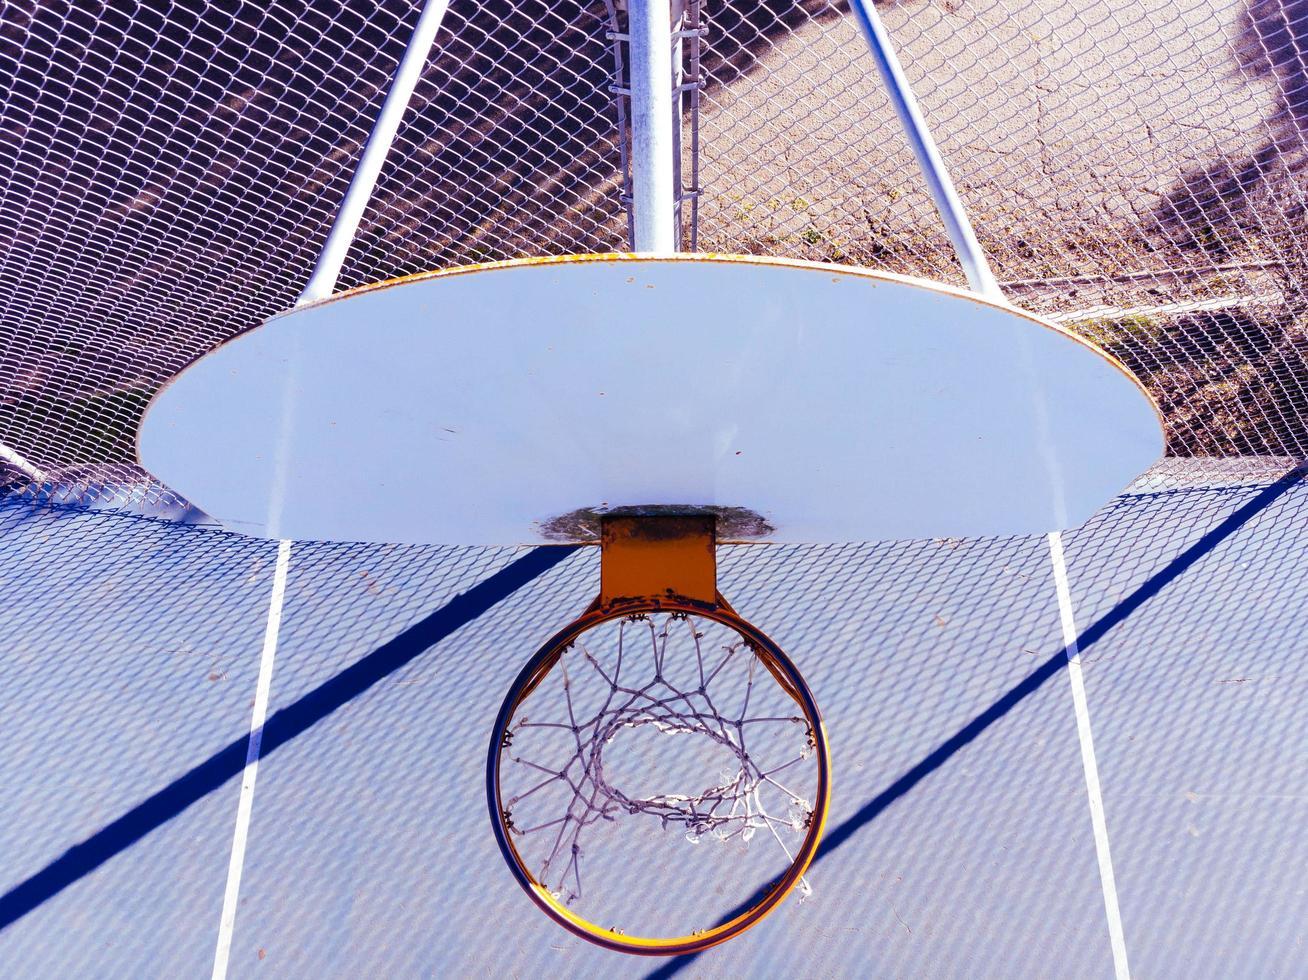 vista superior da cesta de basquete durante o dia foto